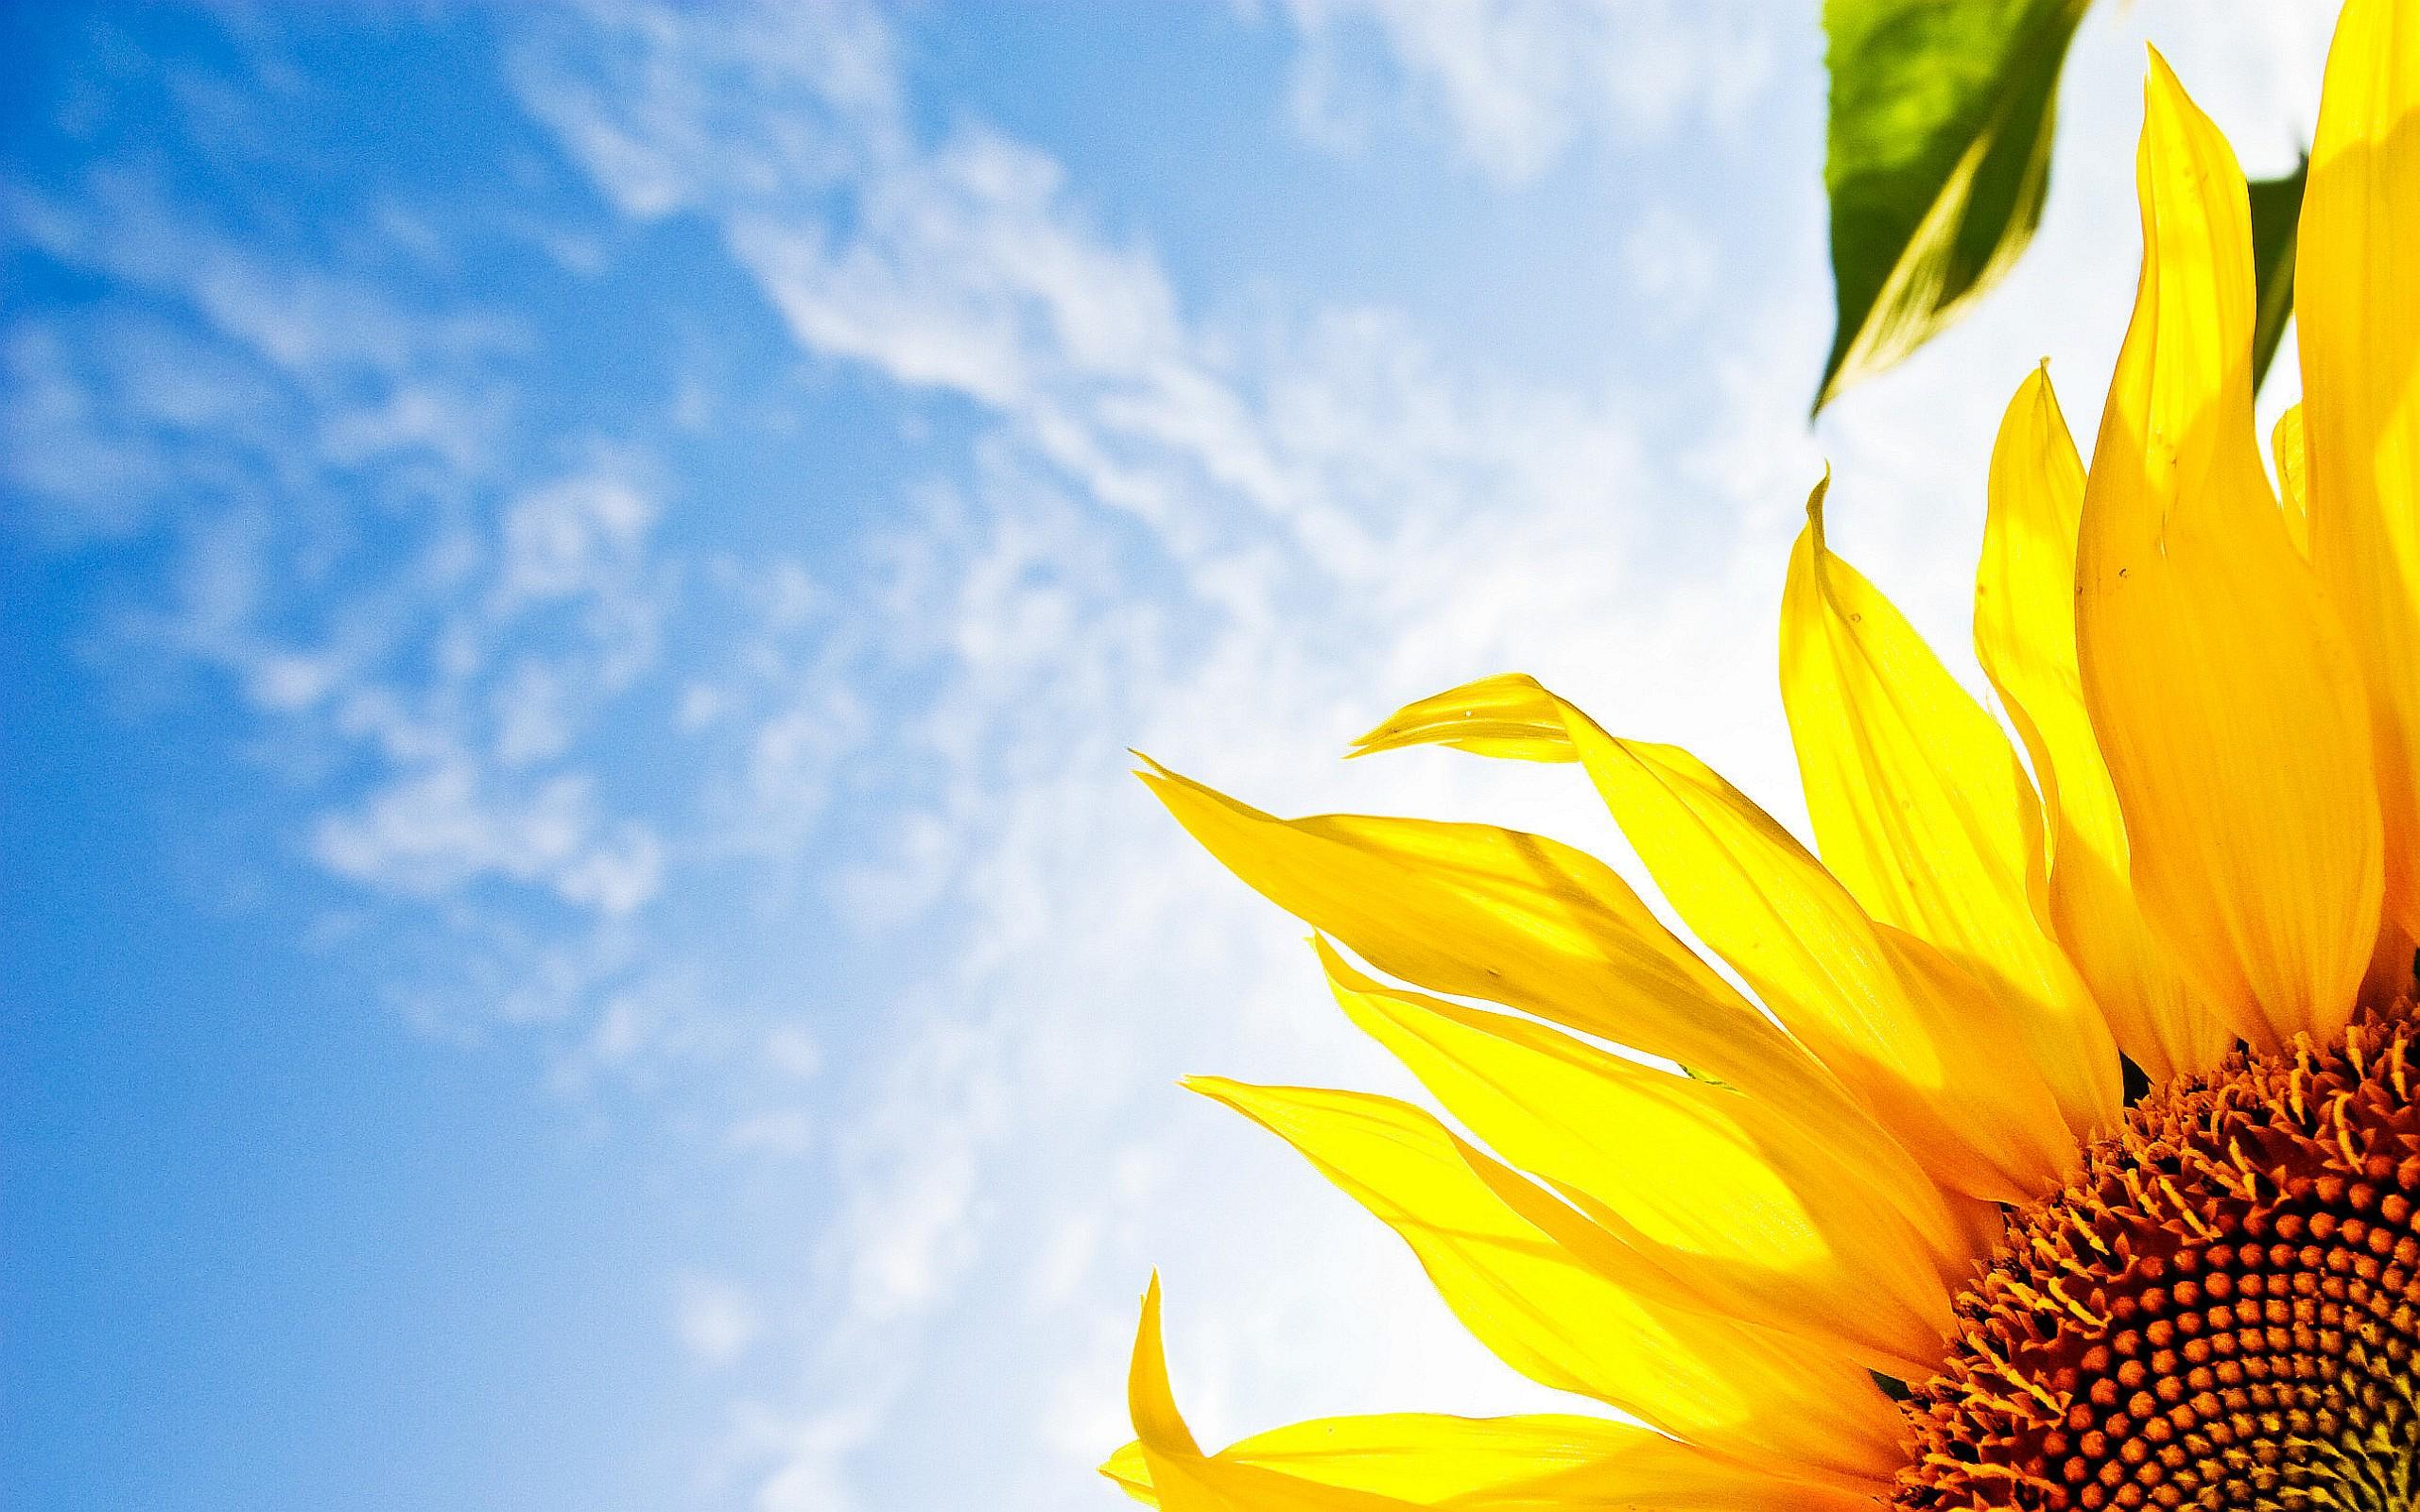 sunflower clouds sky